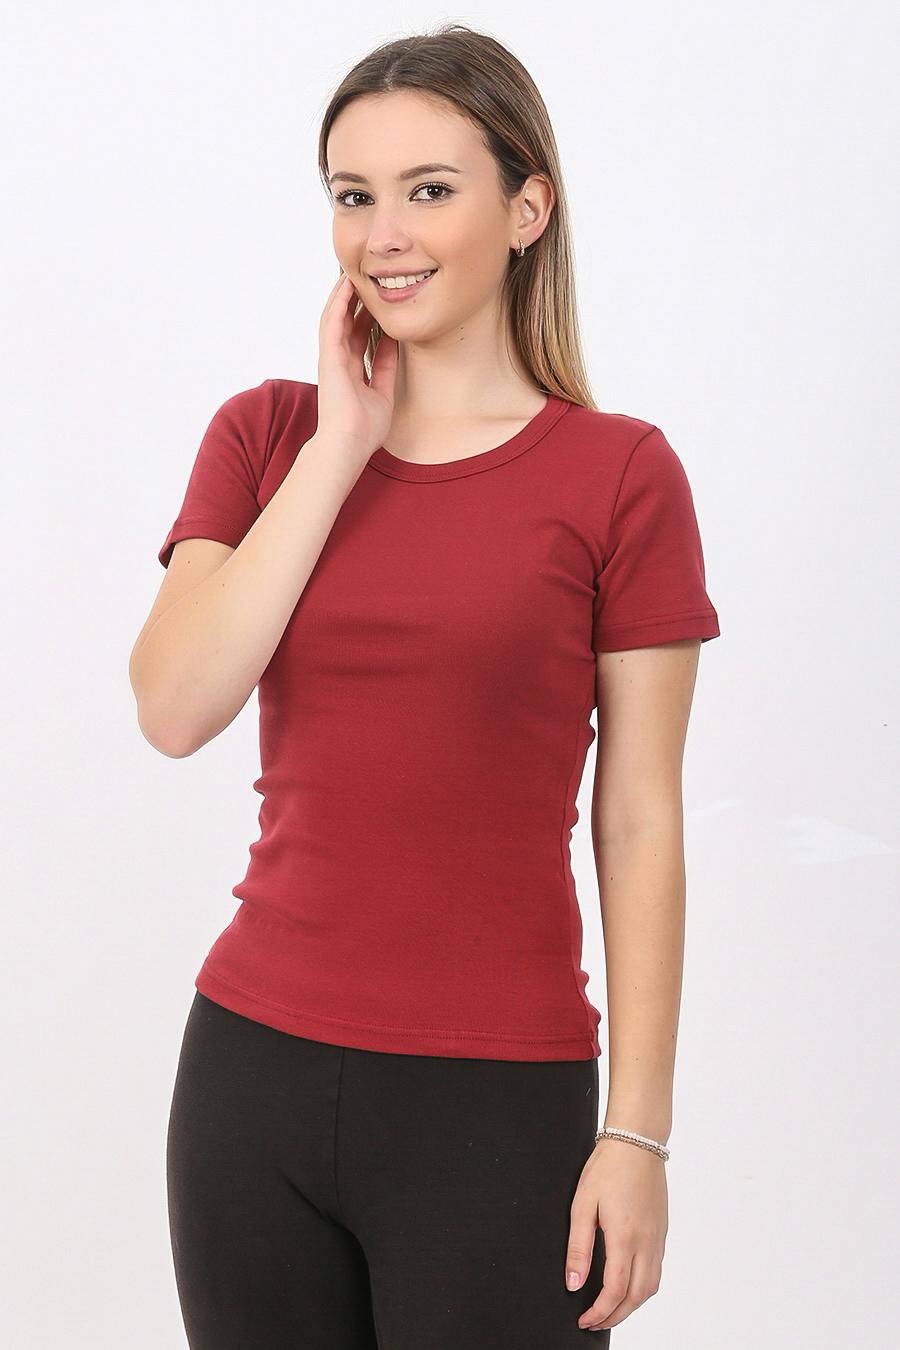 Zenska pamucna majica ART.705 (boja (2)